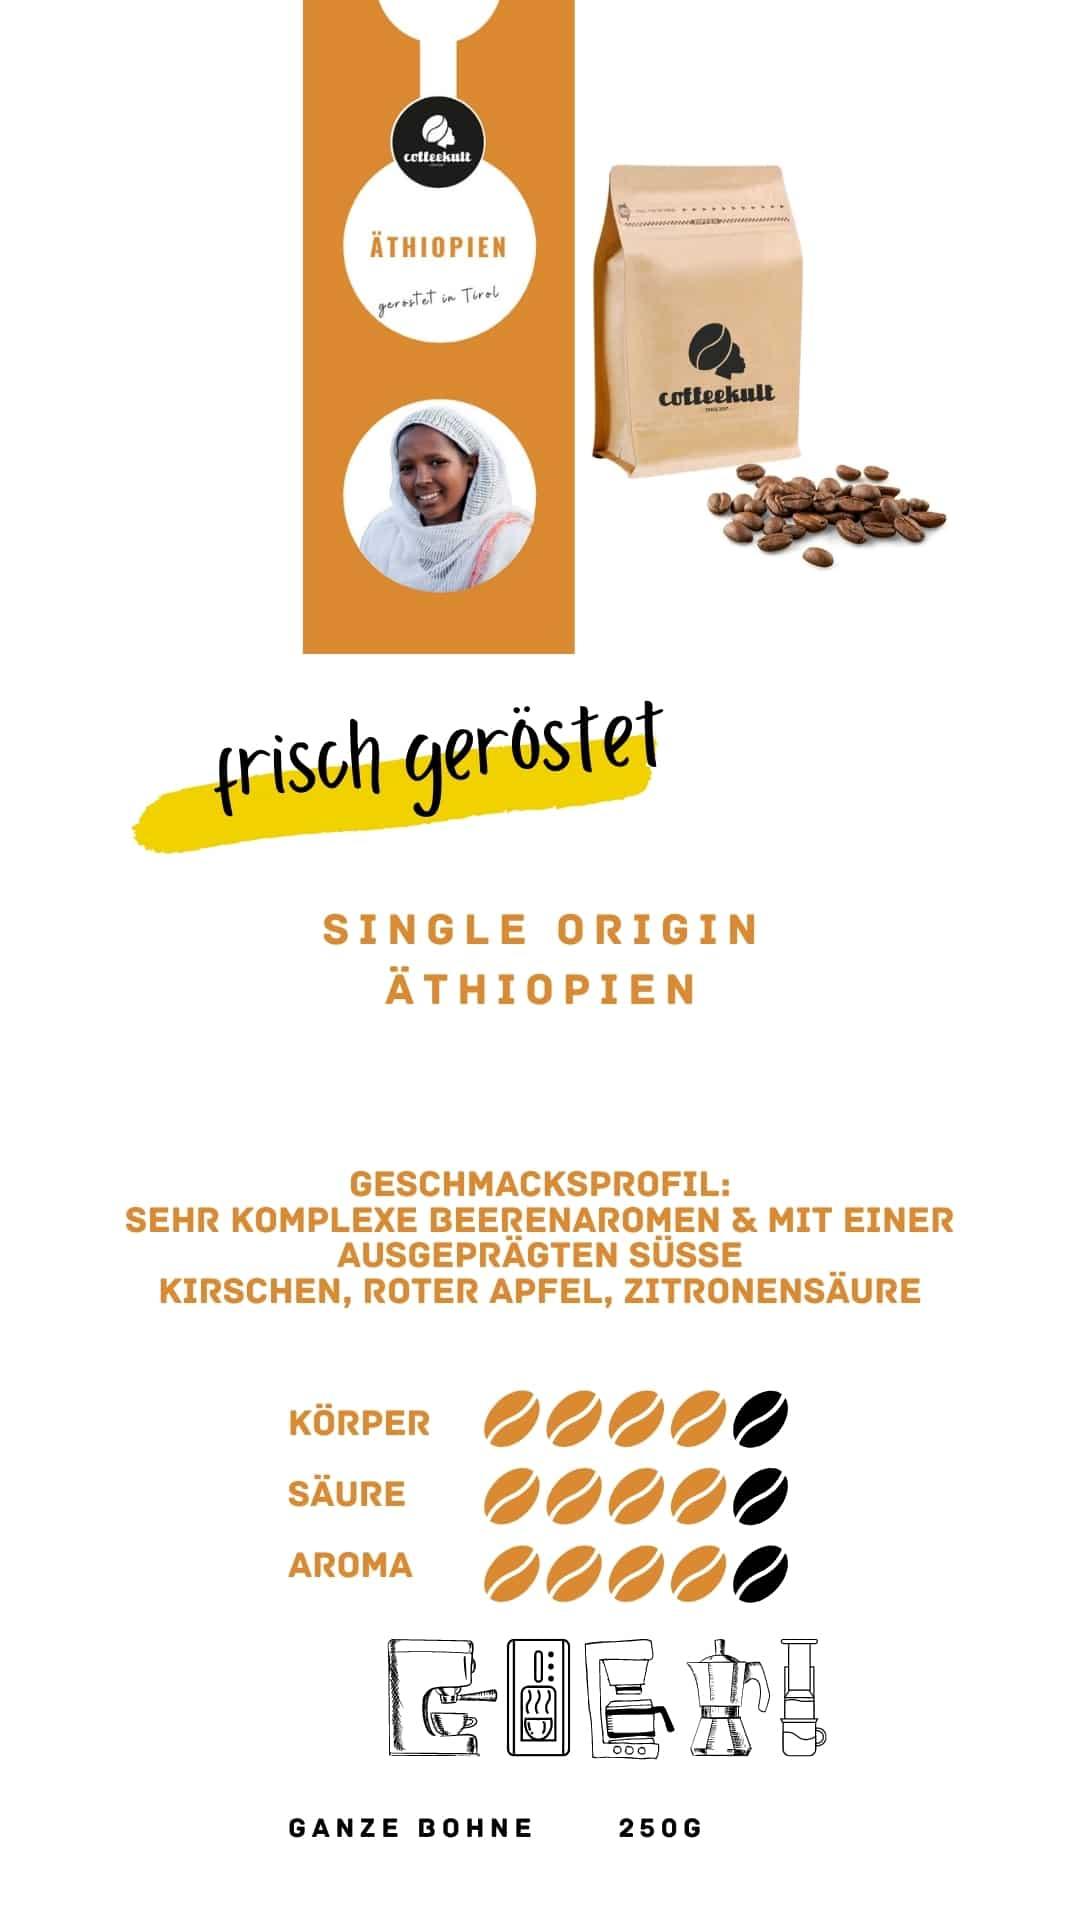 coffeekult coffee frisch geröstet barista kaffeerösterei innsbruck arabica bohnen äthiopien